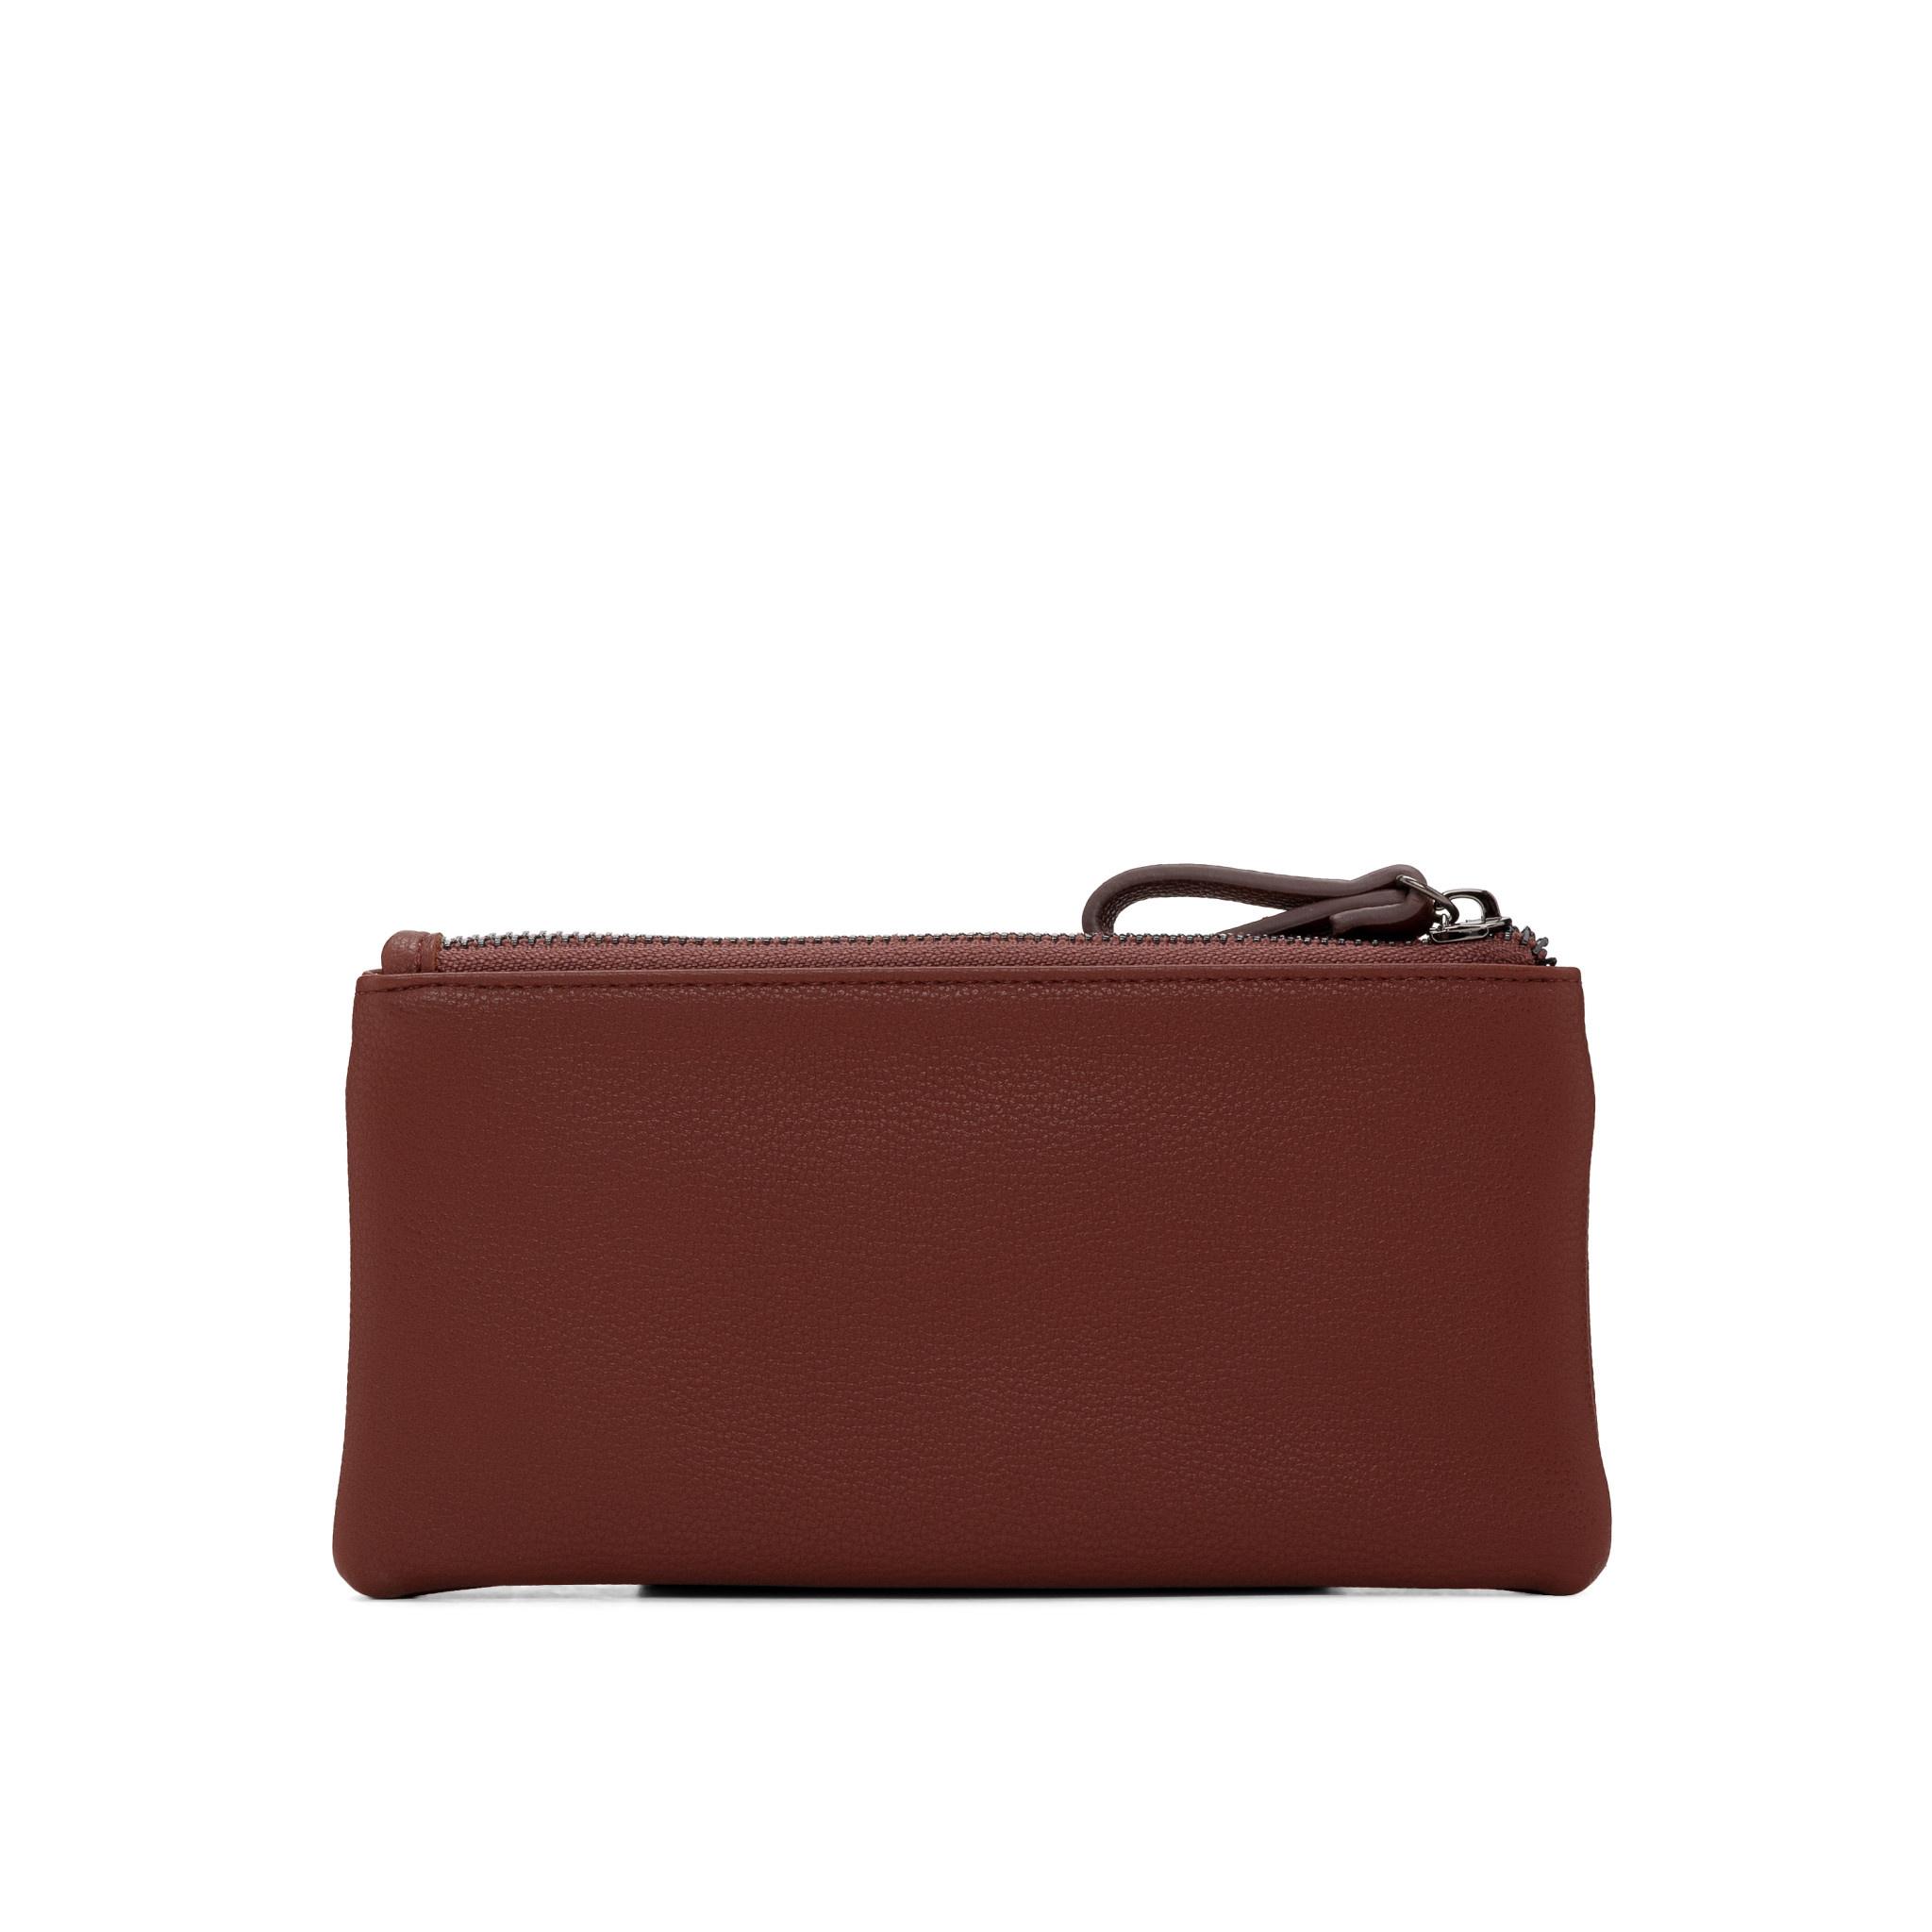 Colab Colab Tara Suede PU Wallet w/flap (#6508) - Cognac